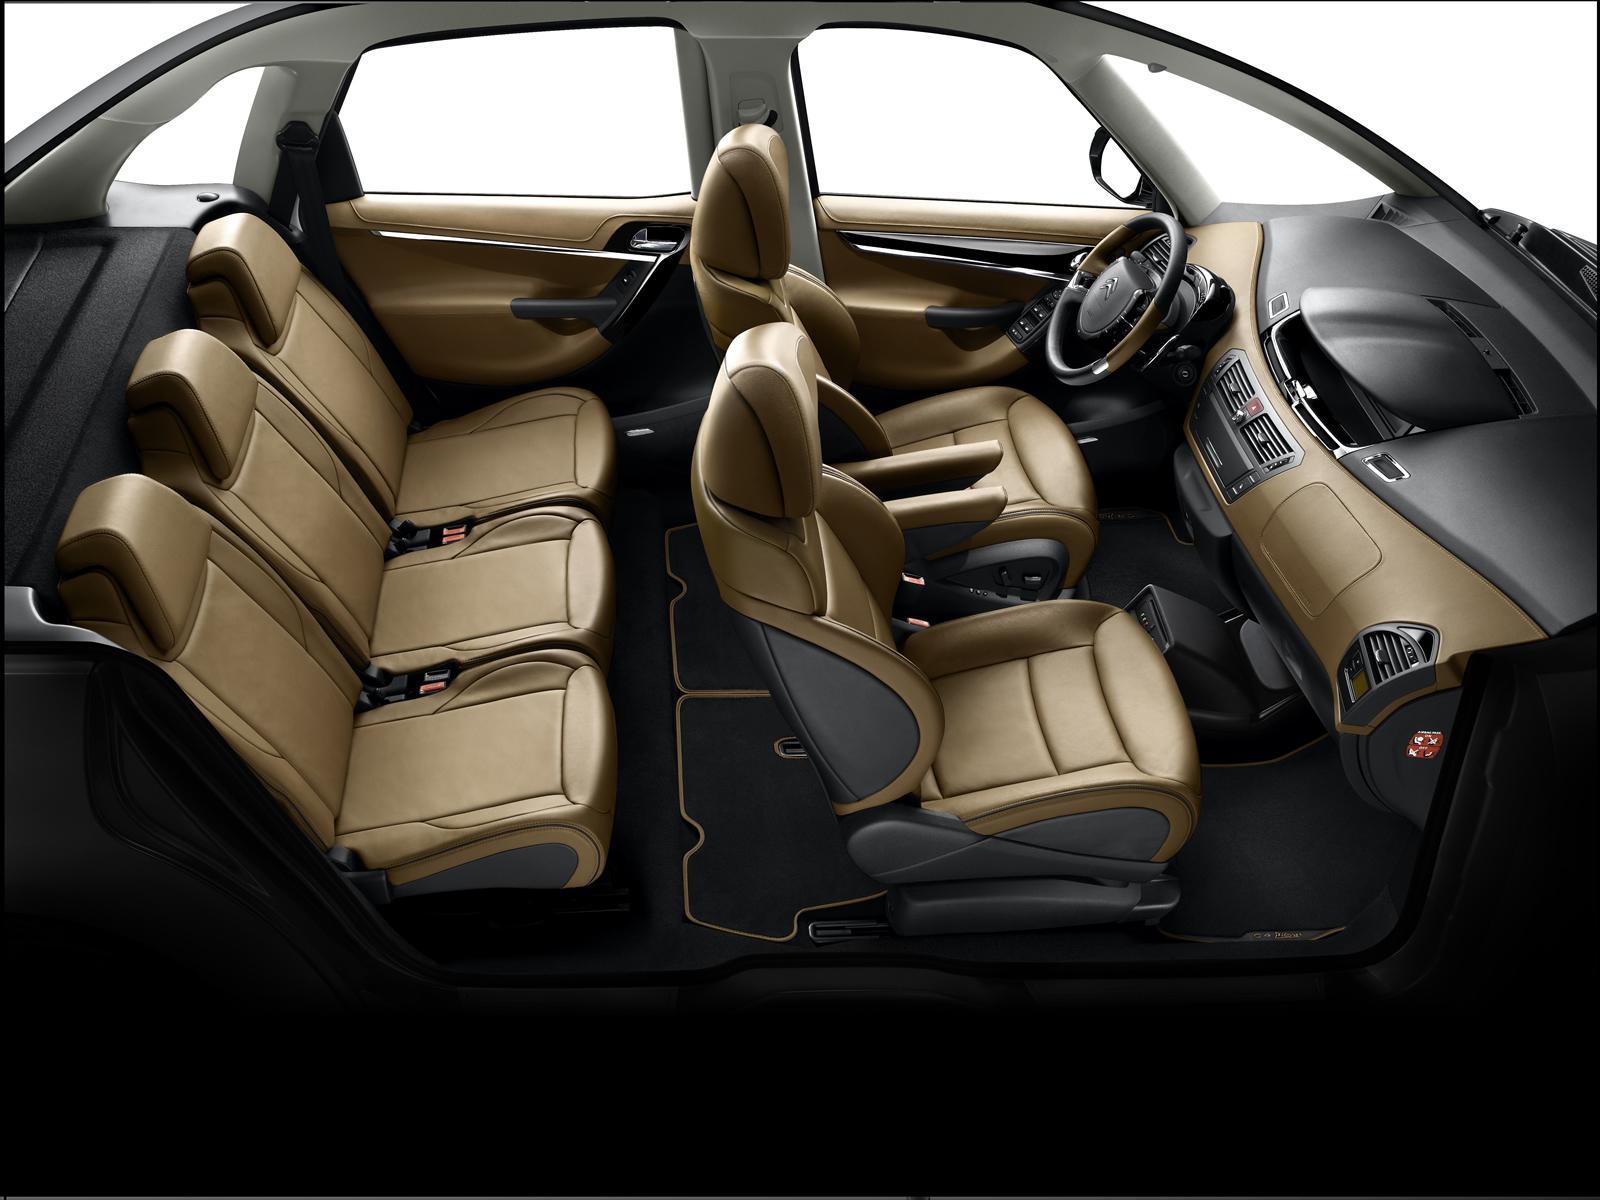 Citroen+c4+2011+interior